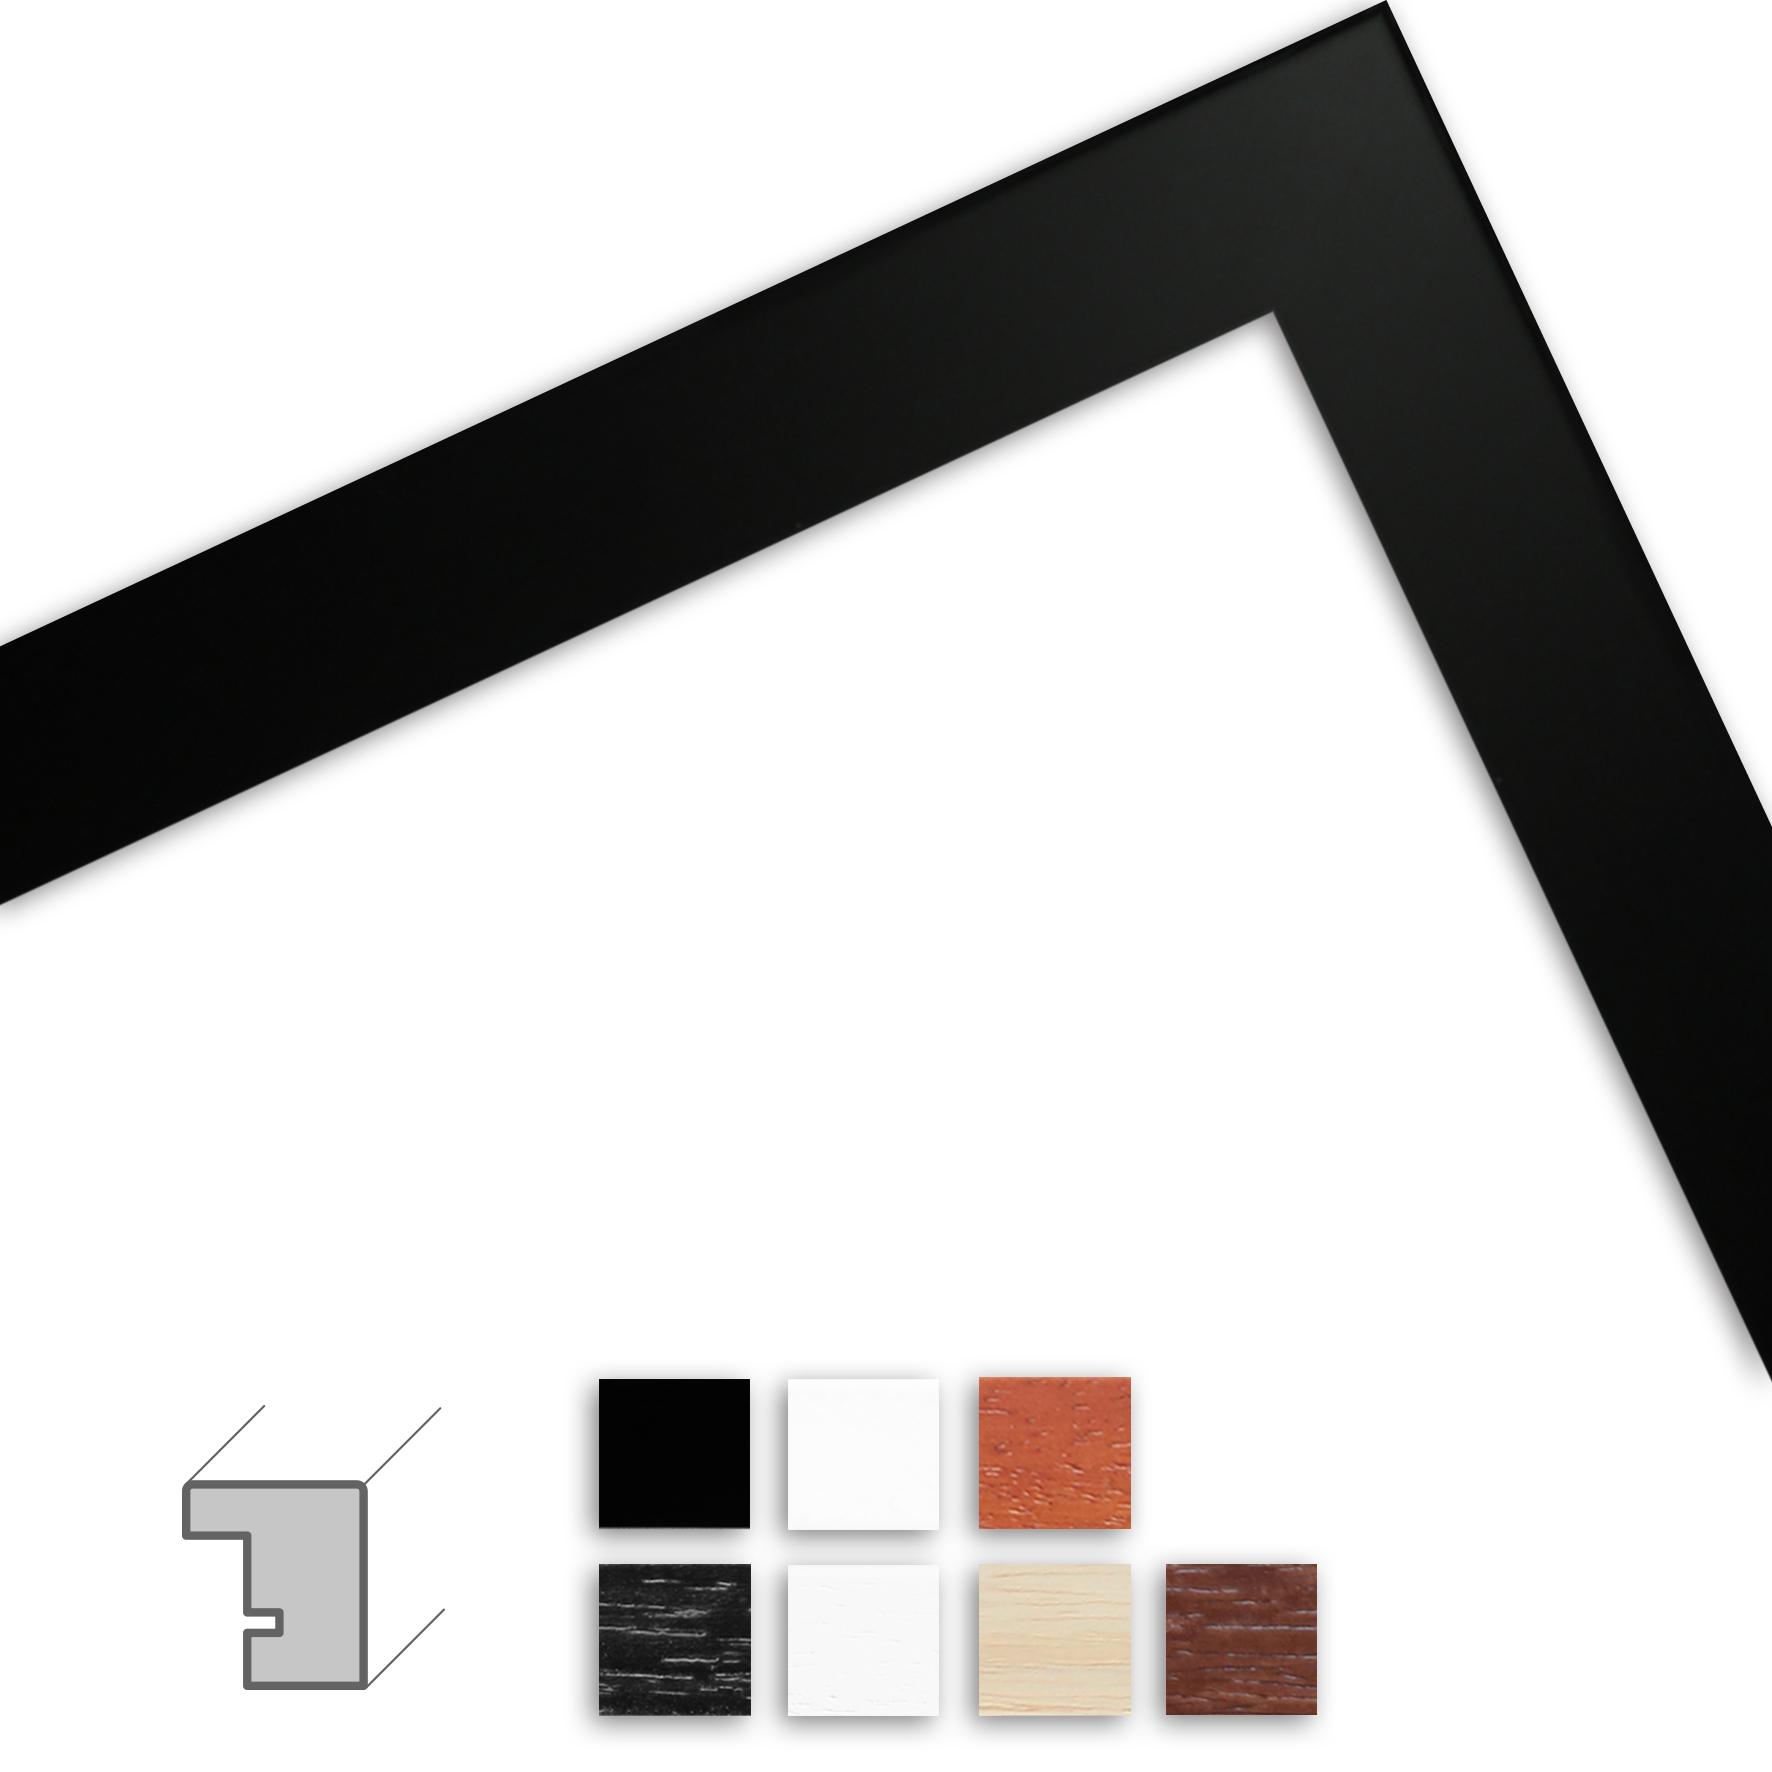 Bilderrahmen für Leinwand | Bilderrahmen | Frame Design Mende